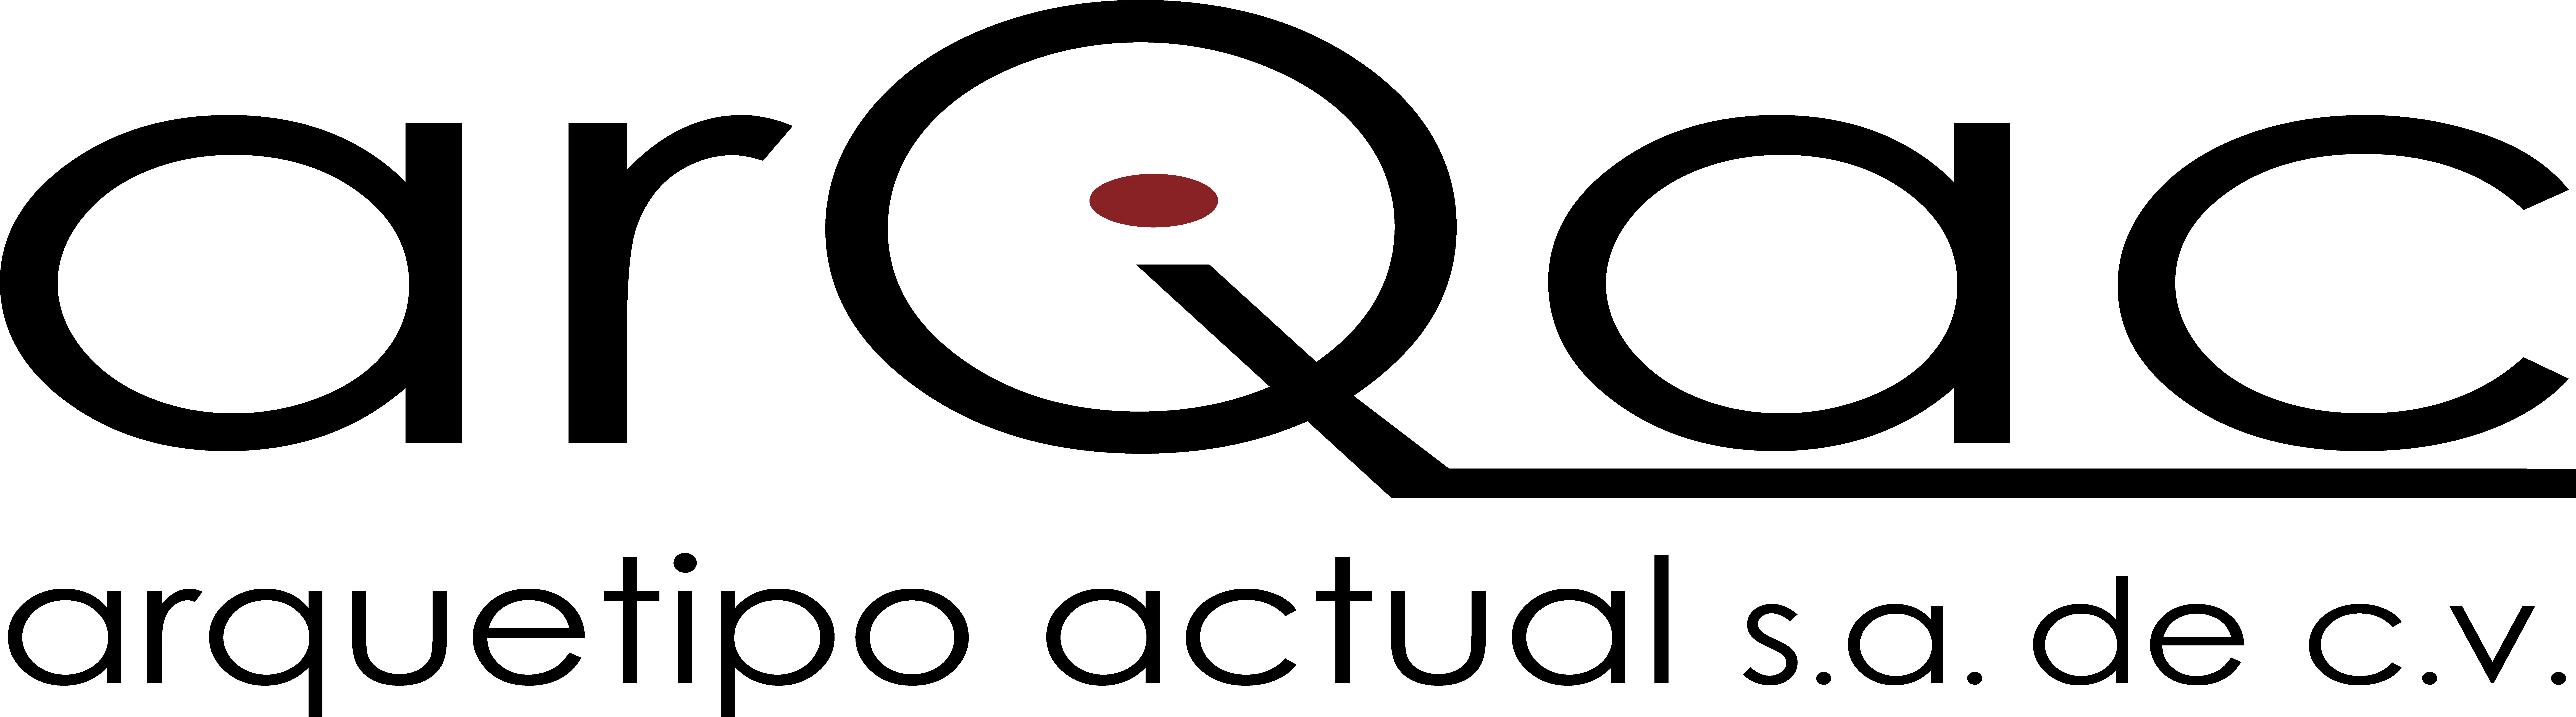 logo_arqac_2014_negro_sin_fondo.png